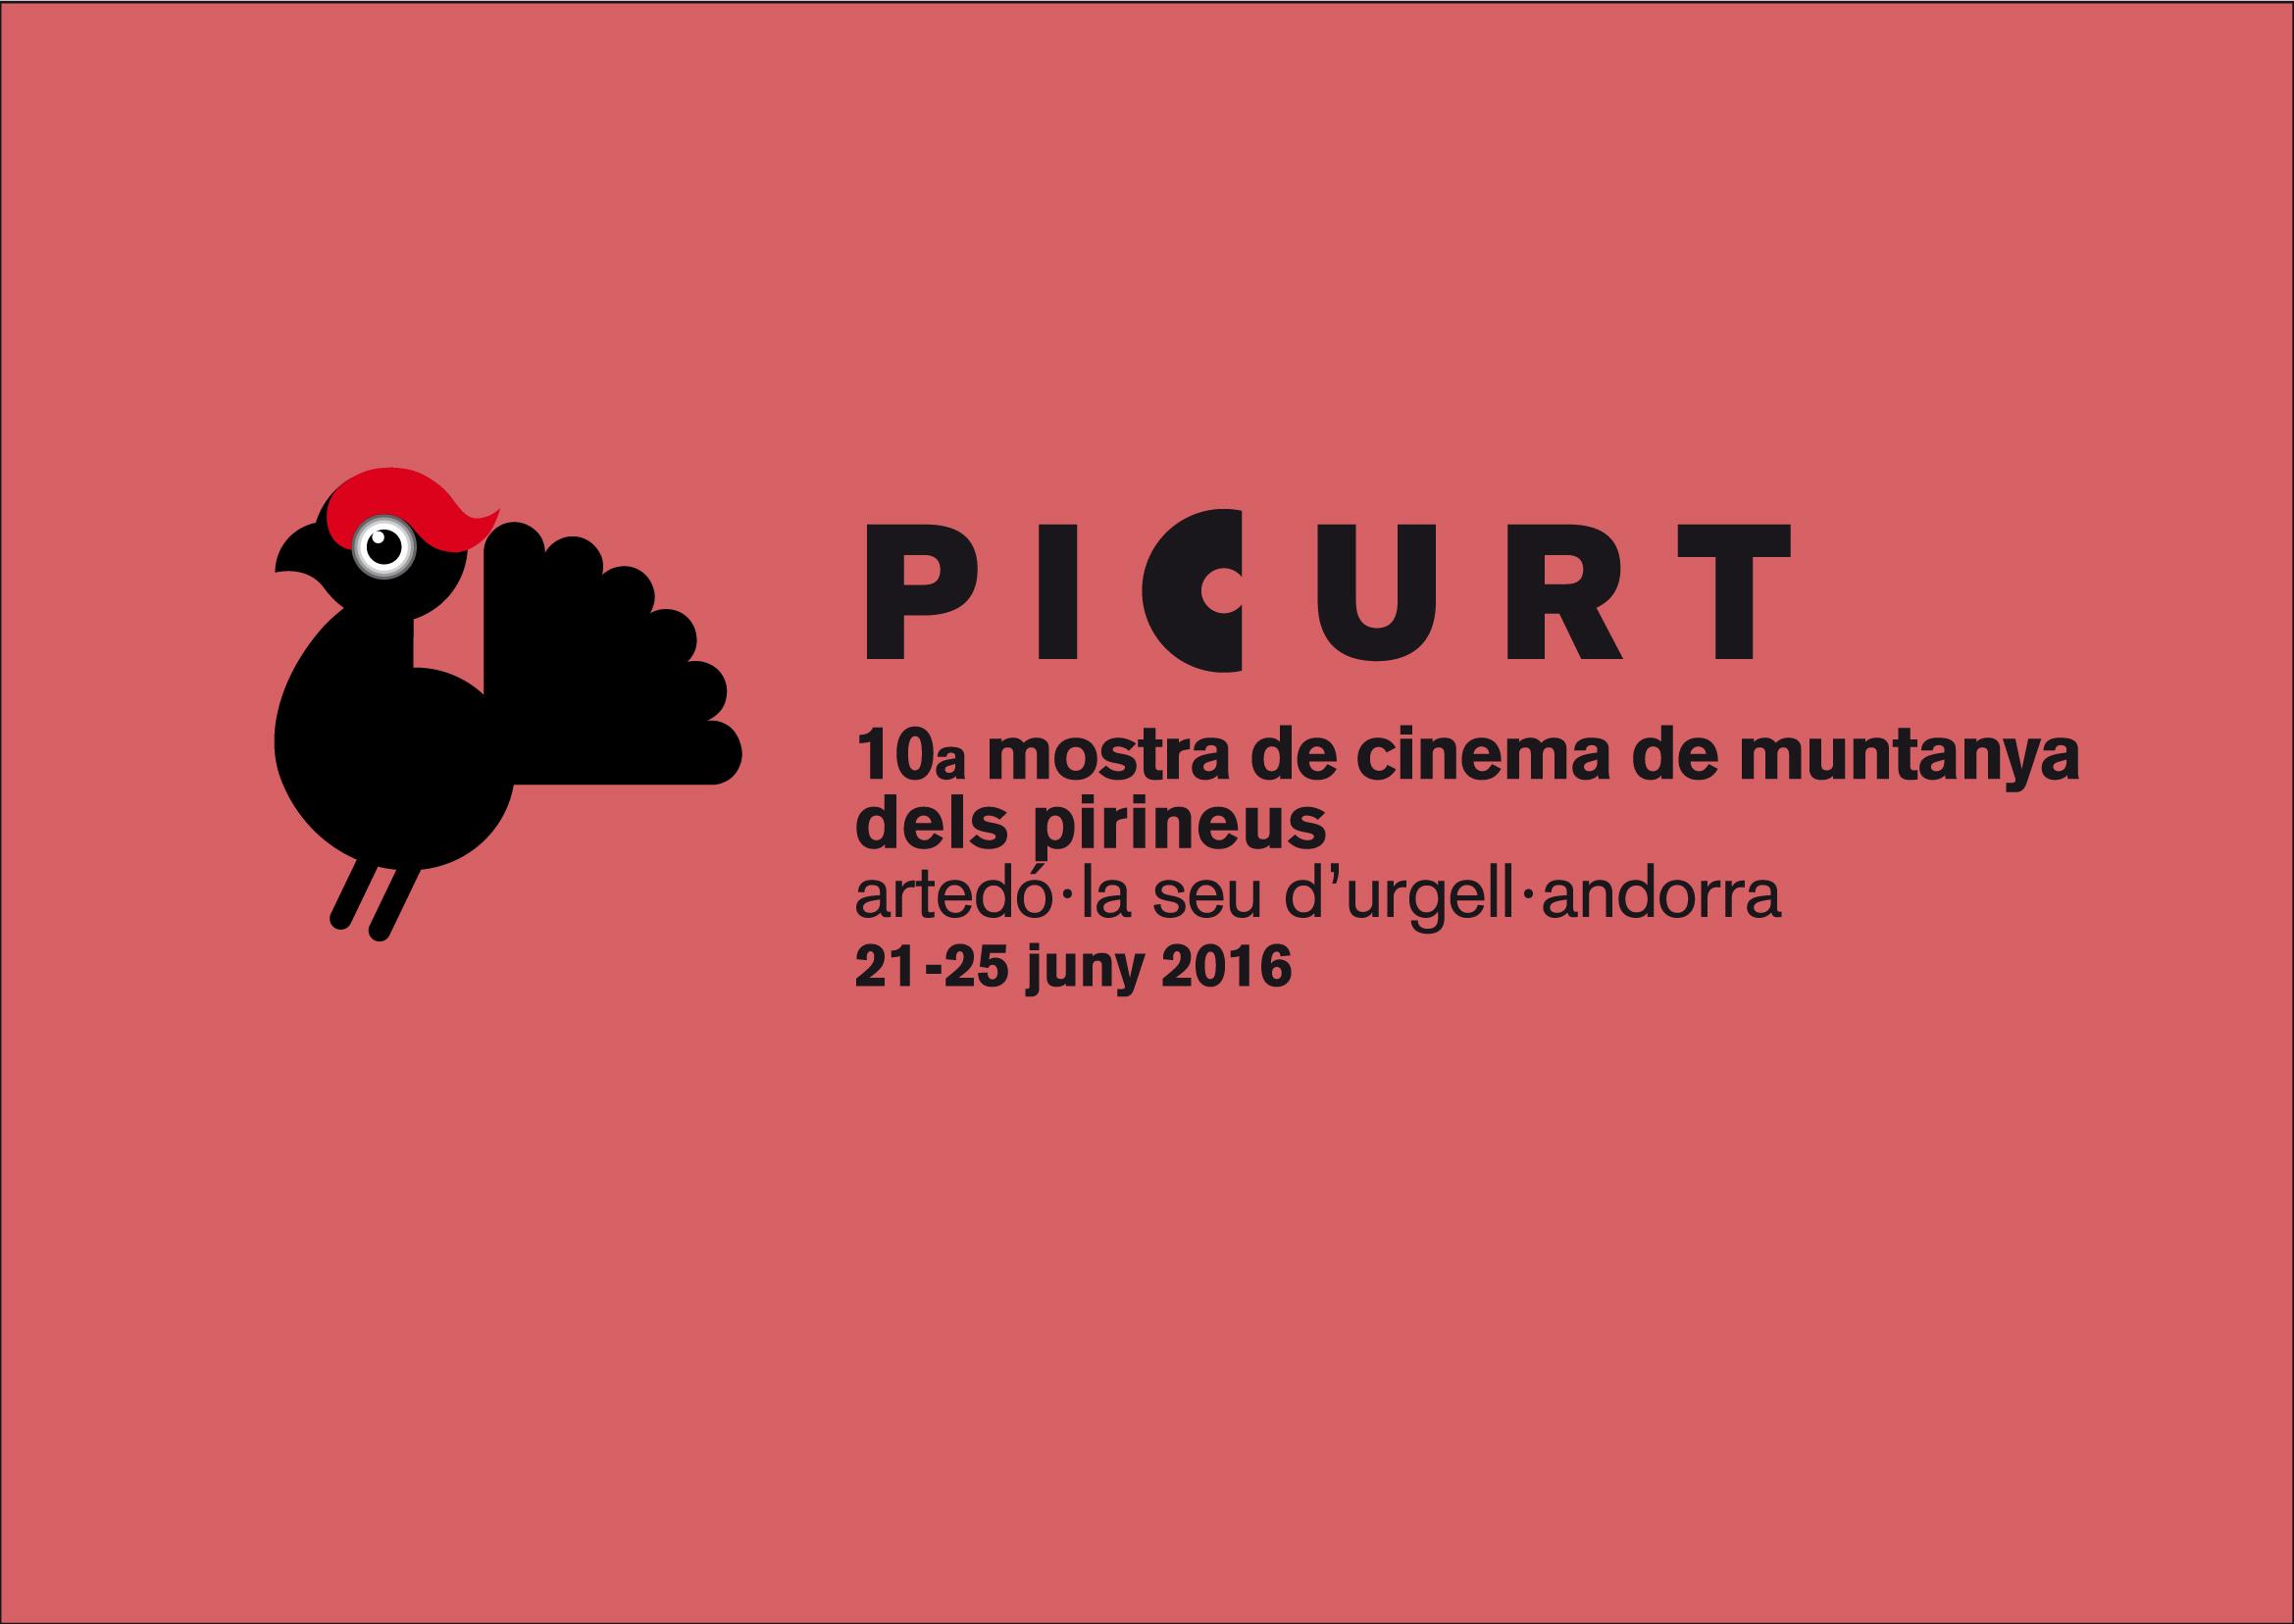 logo-picurt-16-2